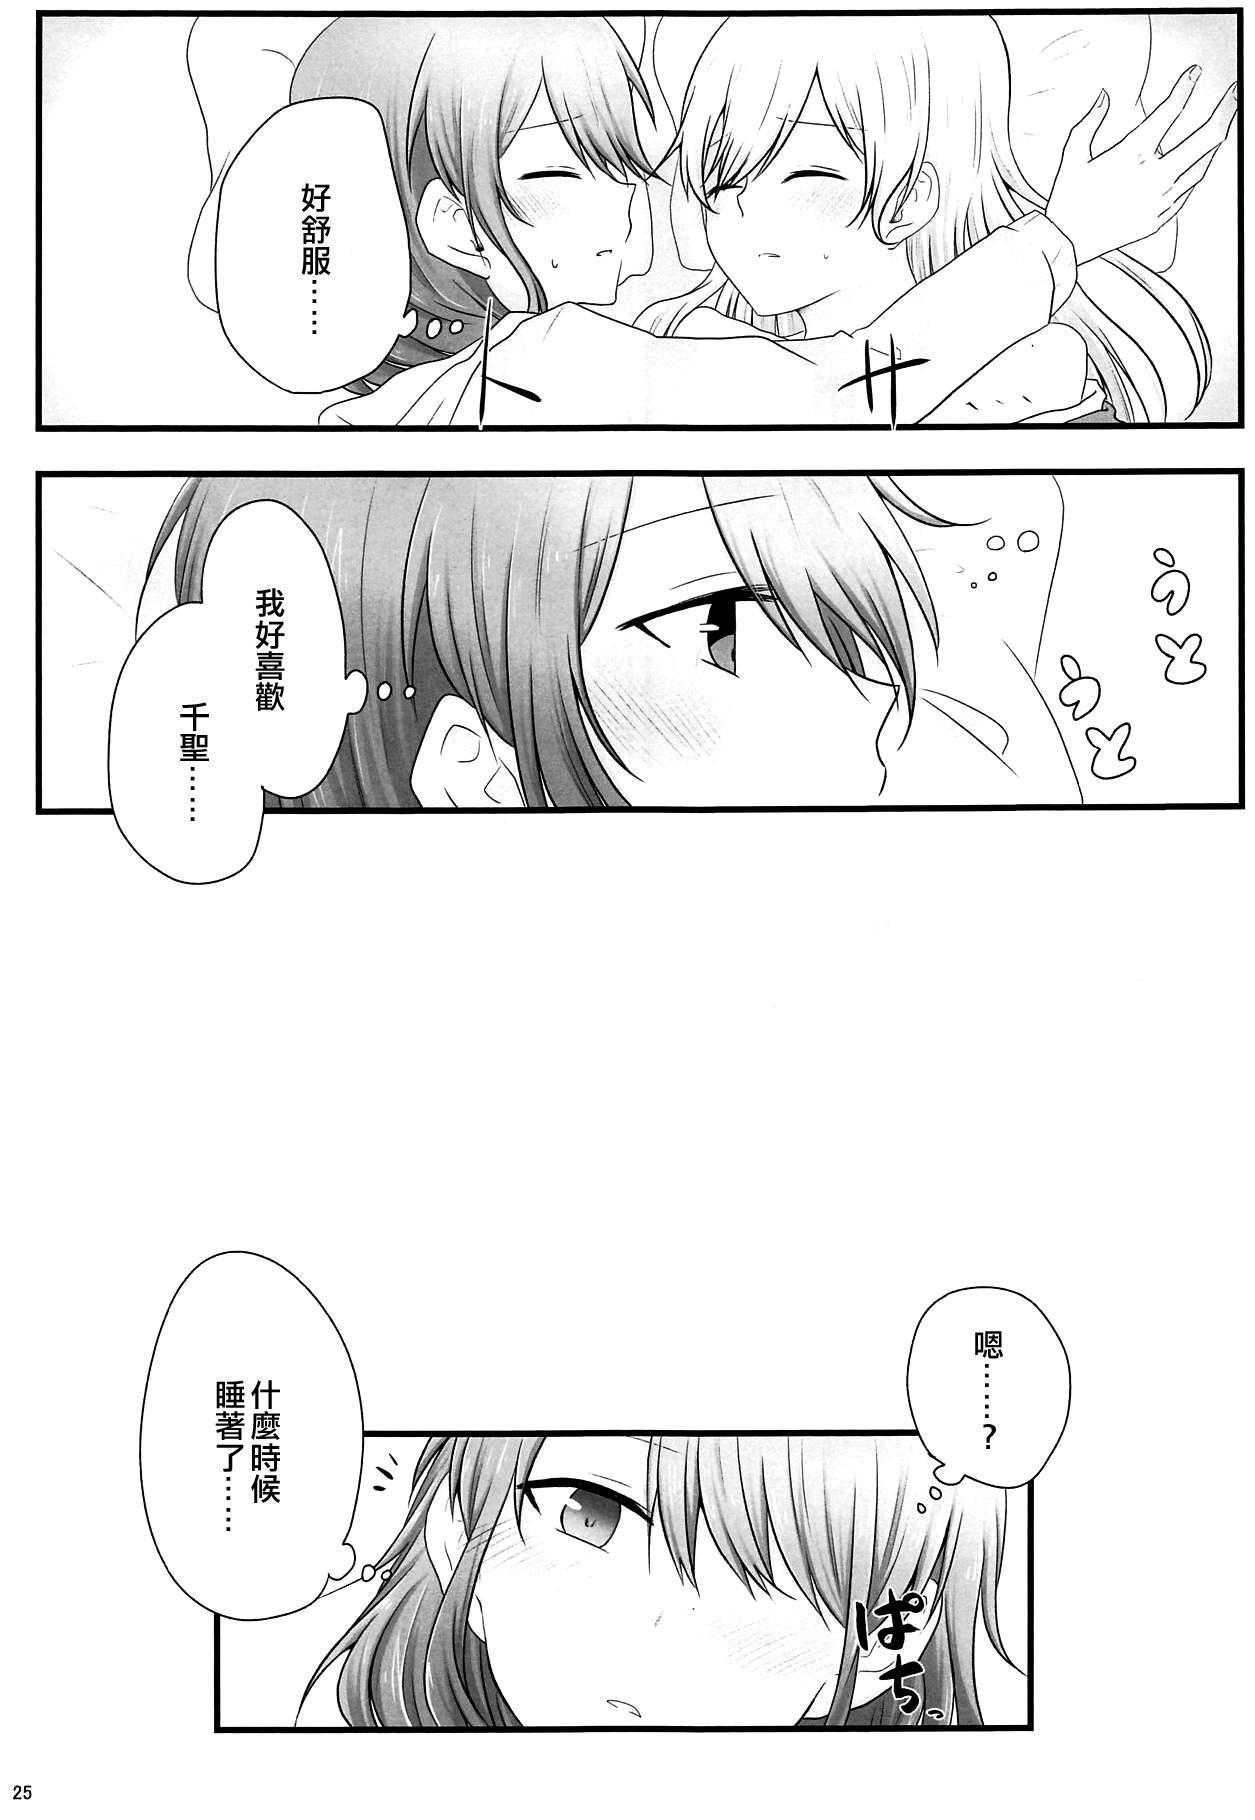 Ato de Okorareru kara! 23